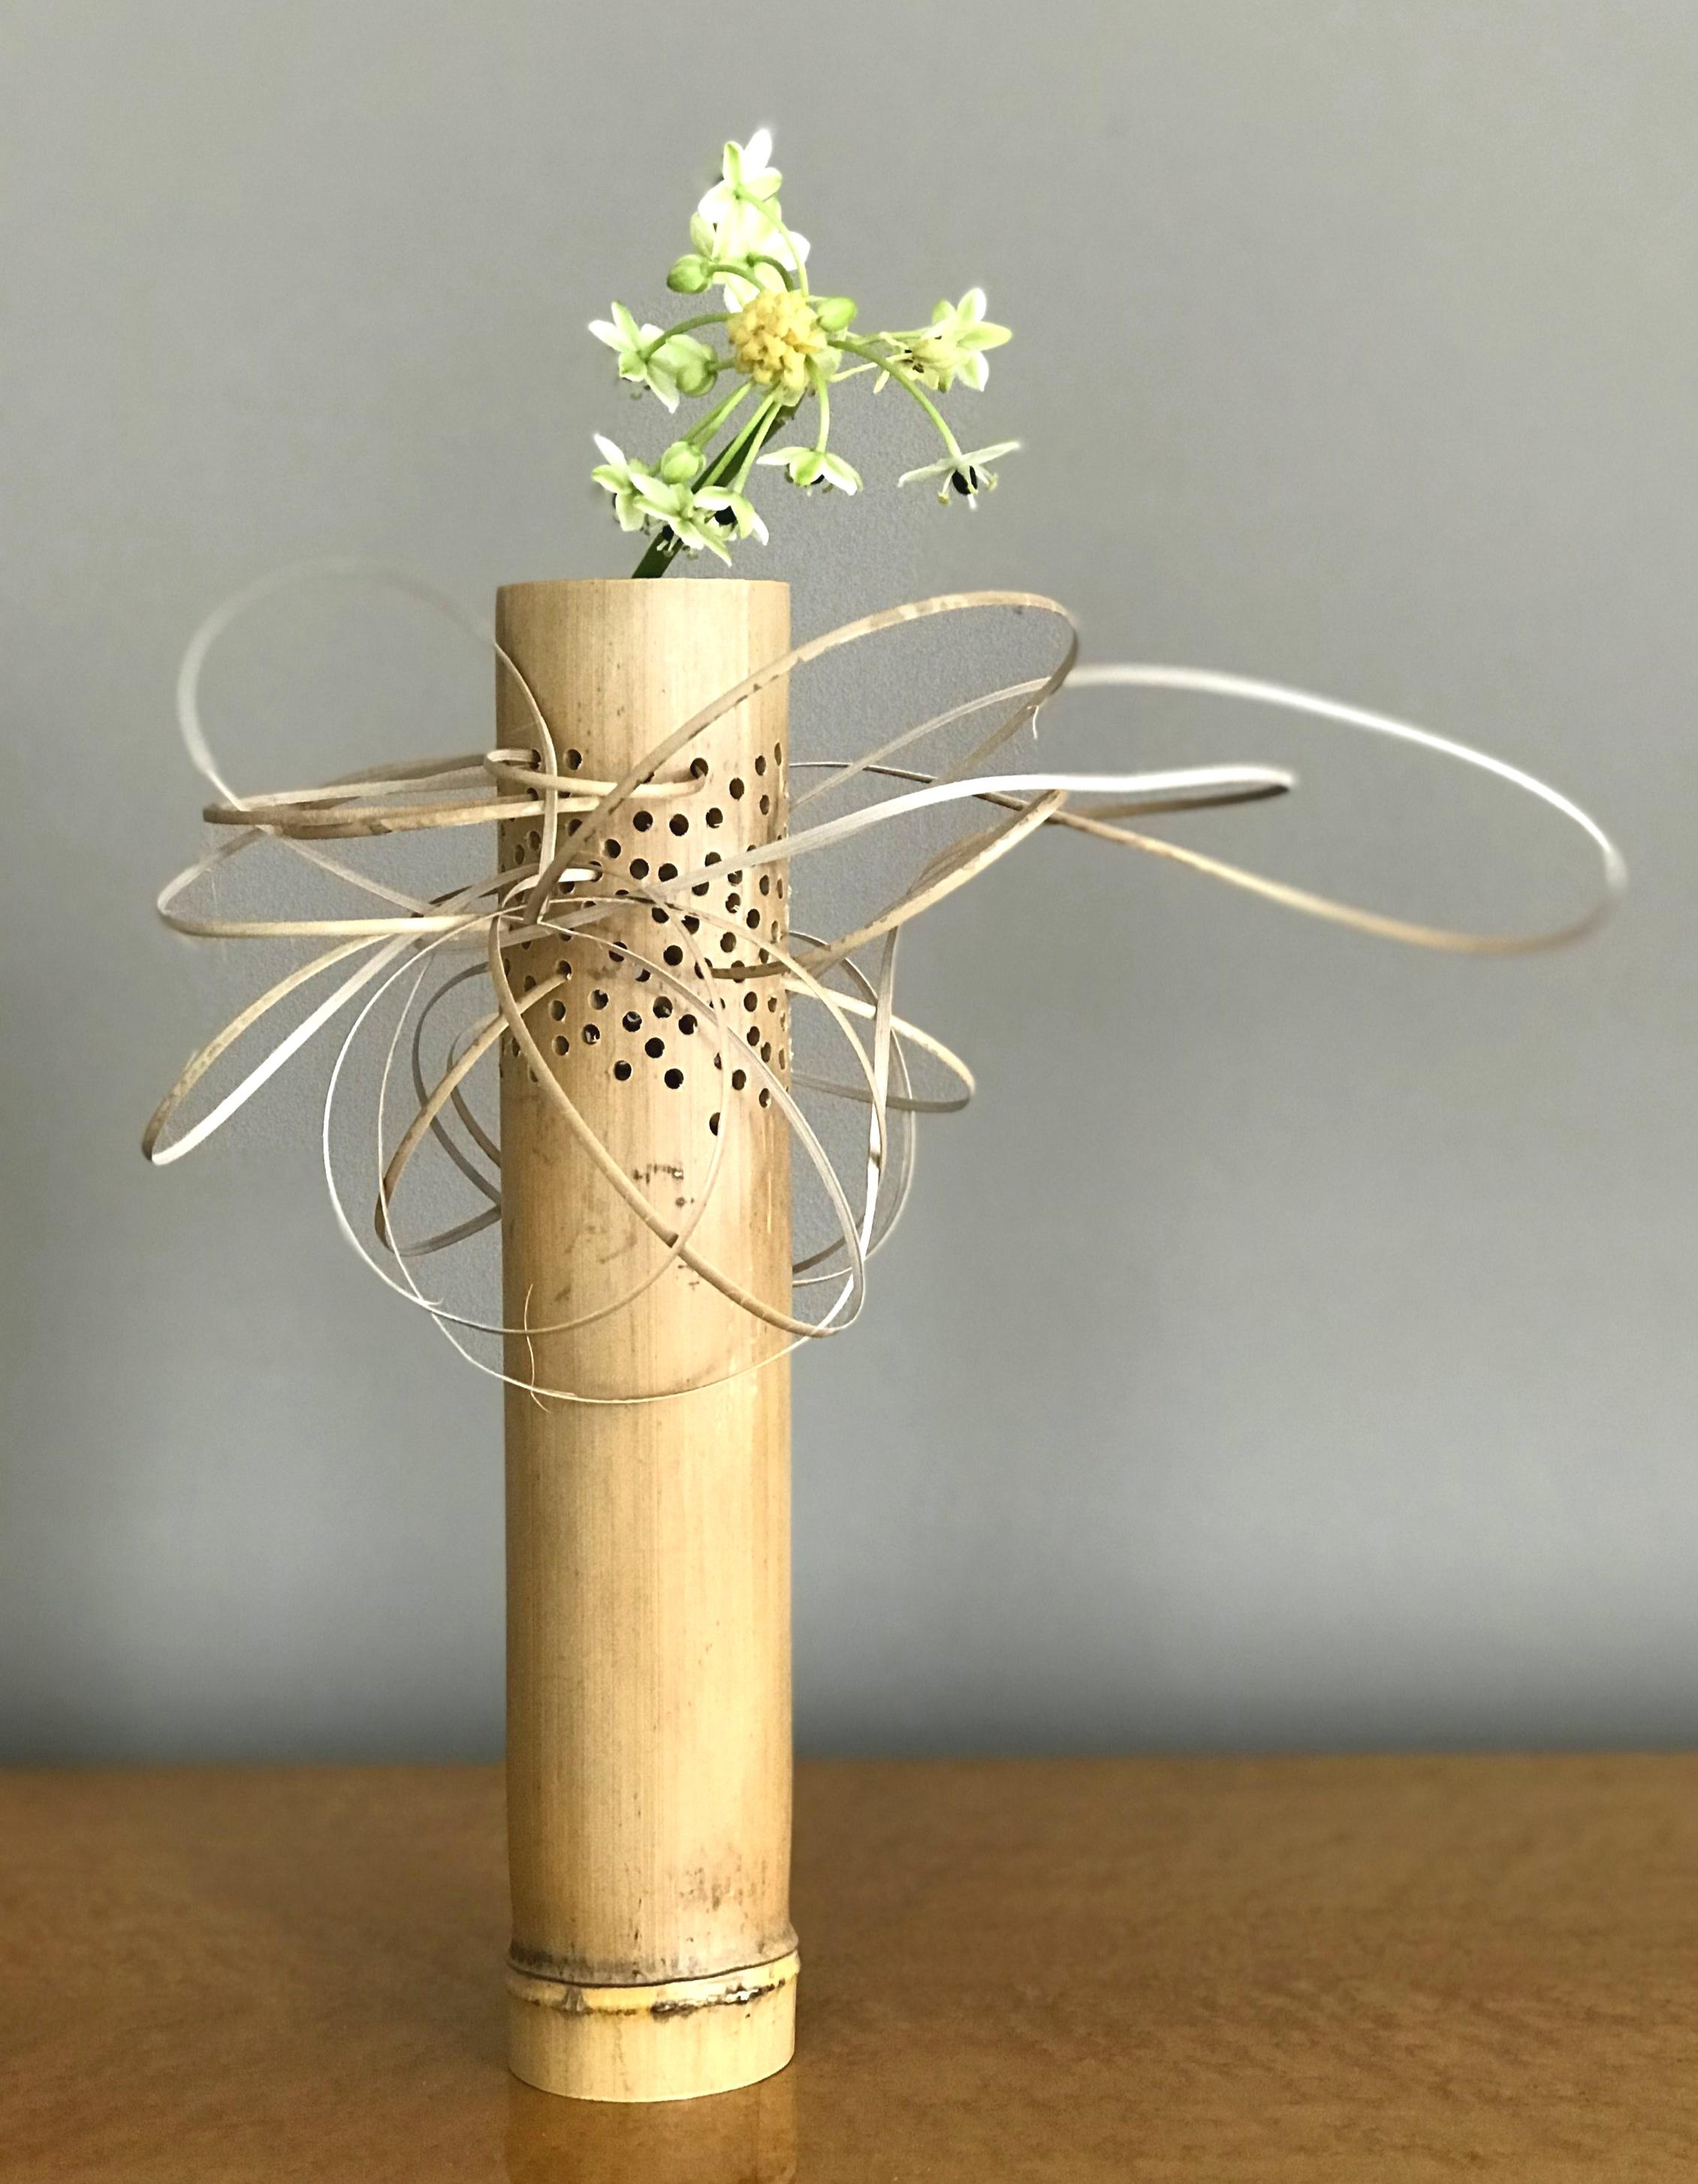 dikke bamboe met stroken rotan en Zuiderwindlelie